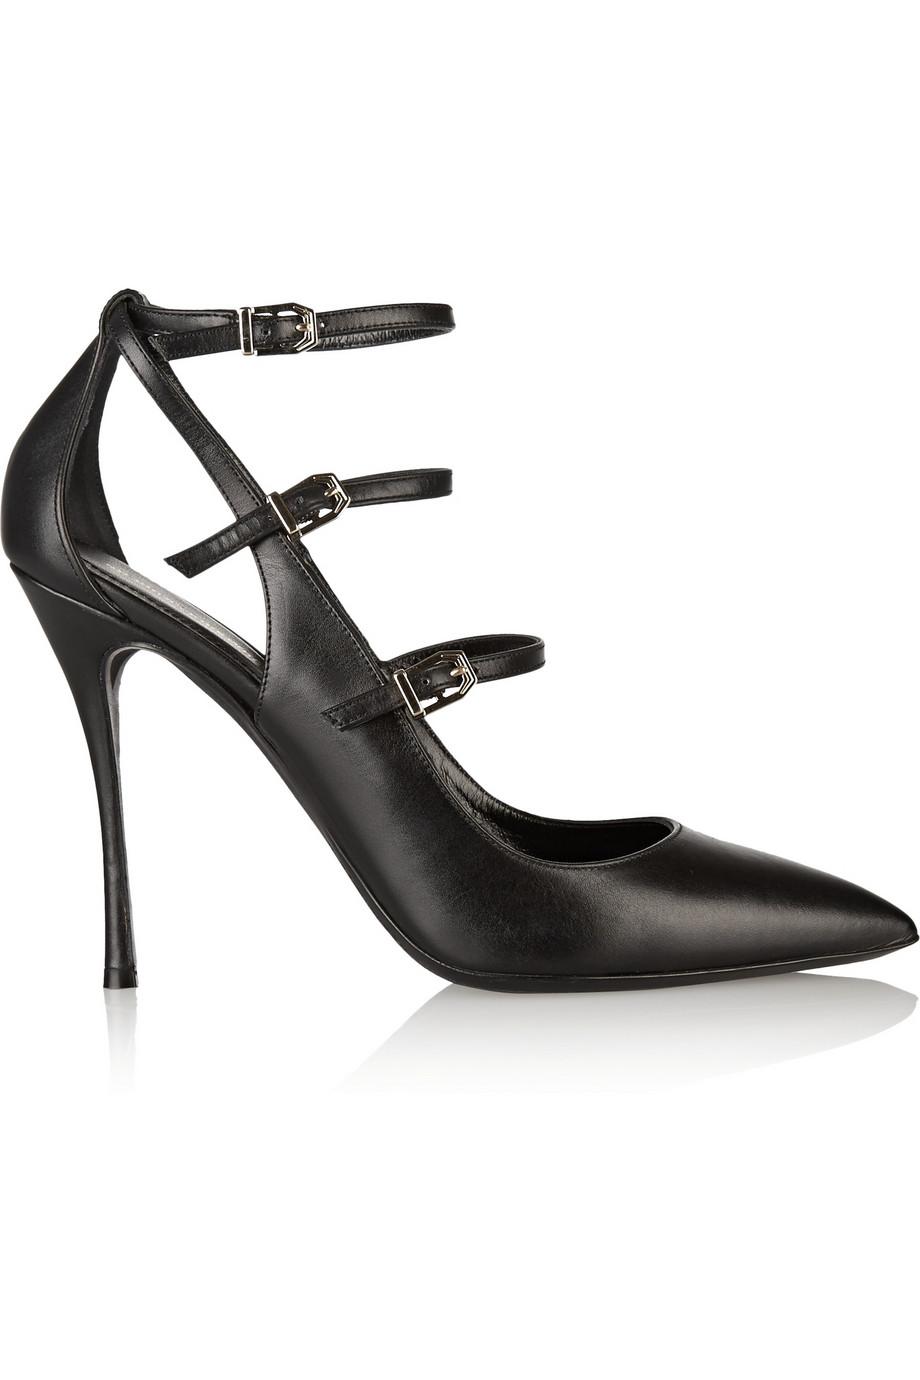 NICHOLAS KIRKWOOD Black Multi Strap Leather Heels